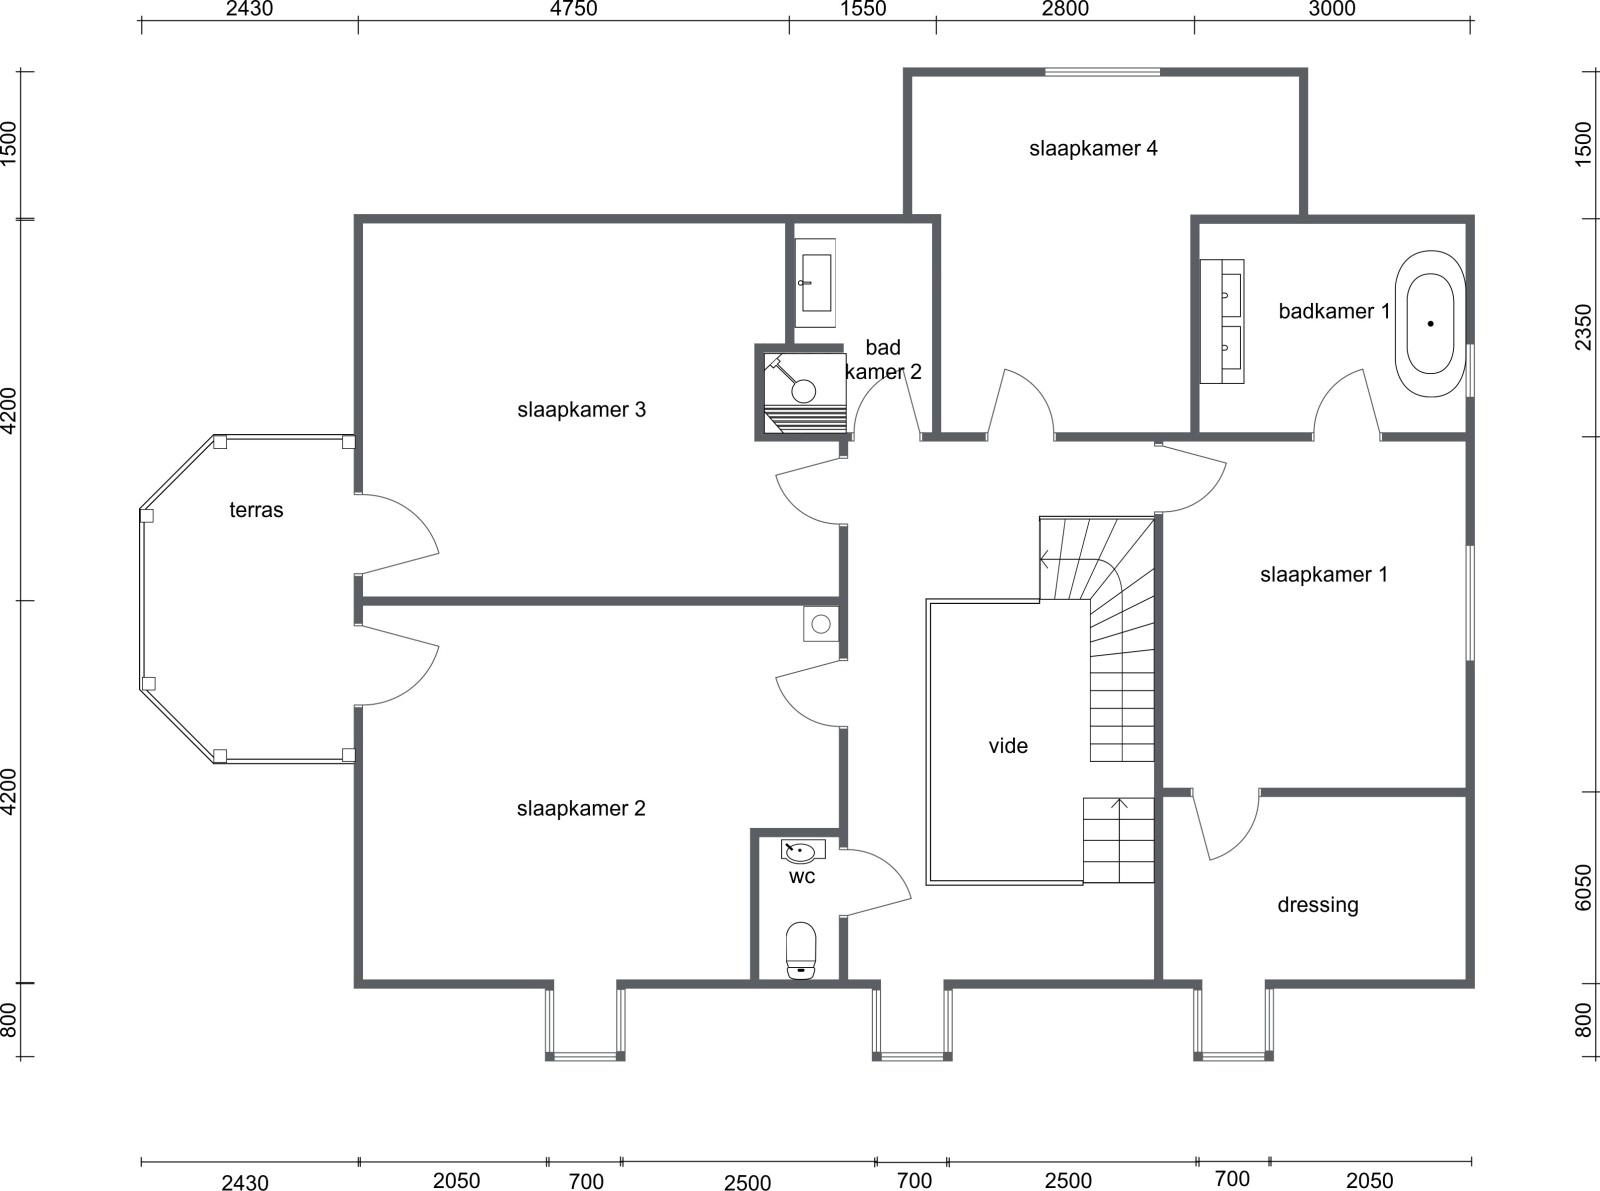 Stijlvolle landelijke villa op een perceel van 1.107 m² in een zeer gegeerd doodlopend straatje te Linkeroever! afbeelding 33